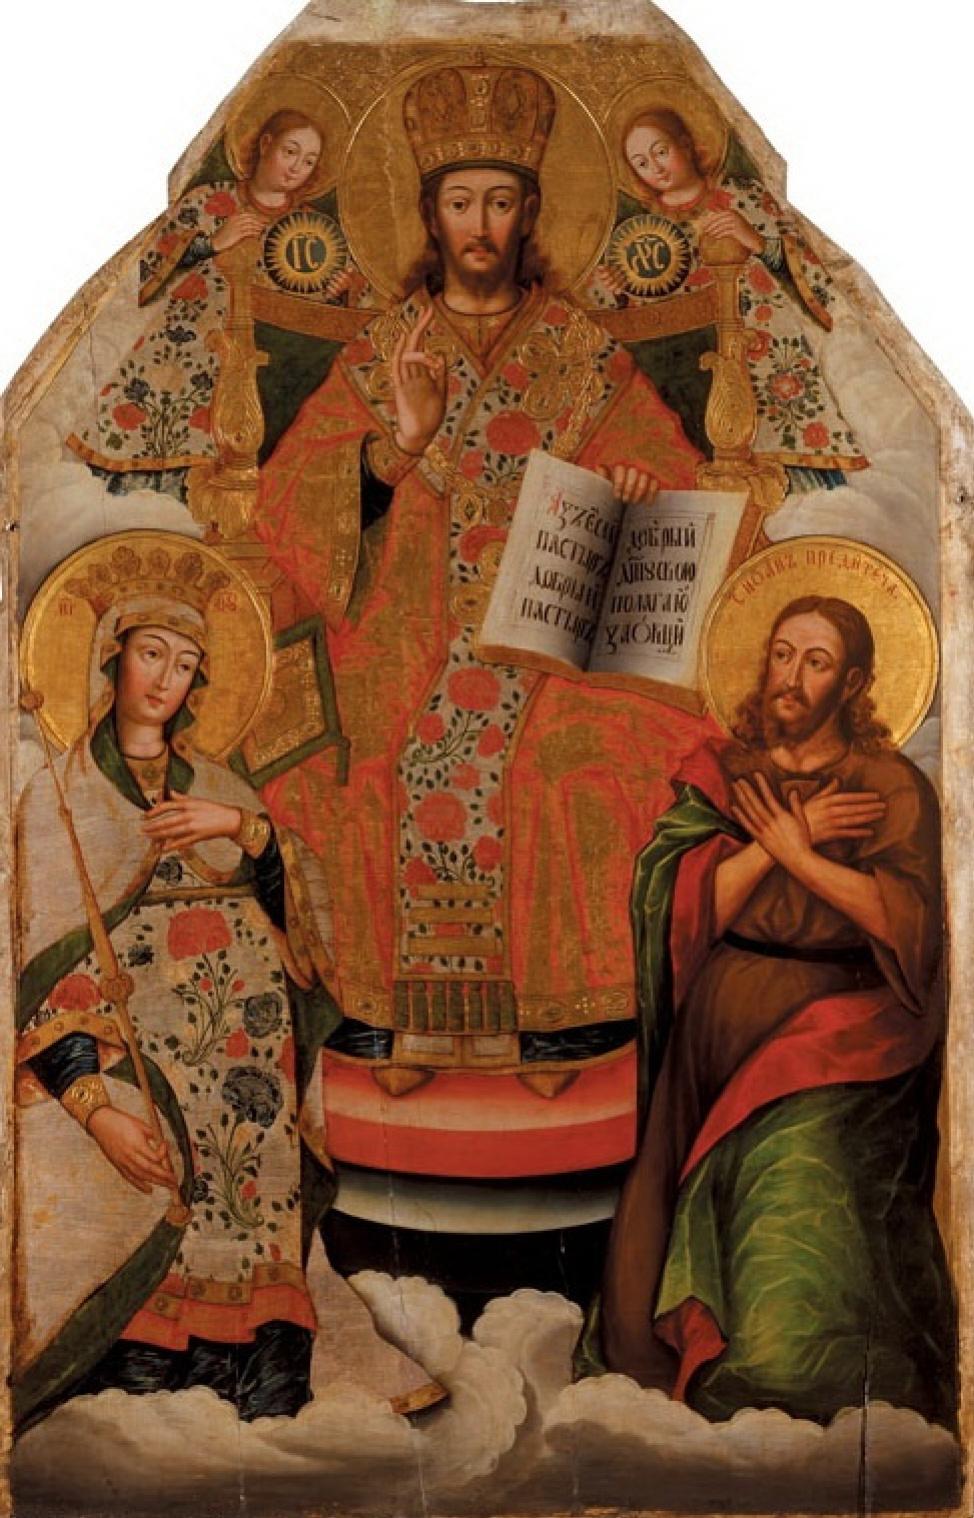 Украинский Иконописец XVIII века. Деисус из иконостаса Вознесенской церкви села Березны на Черниговщине